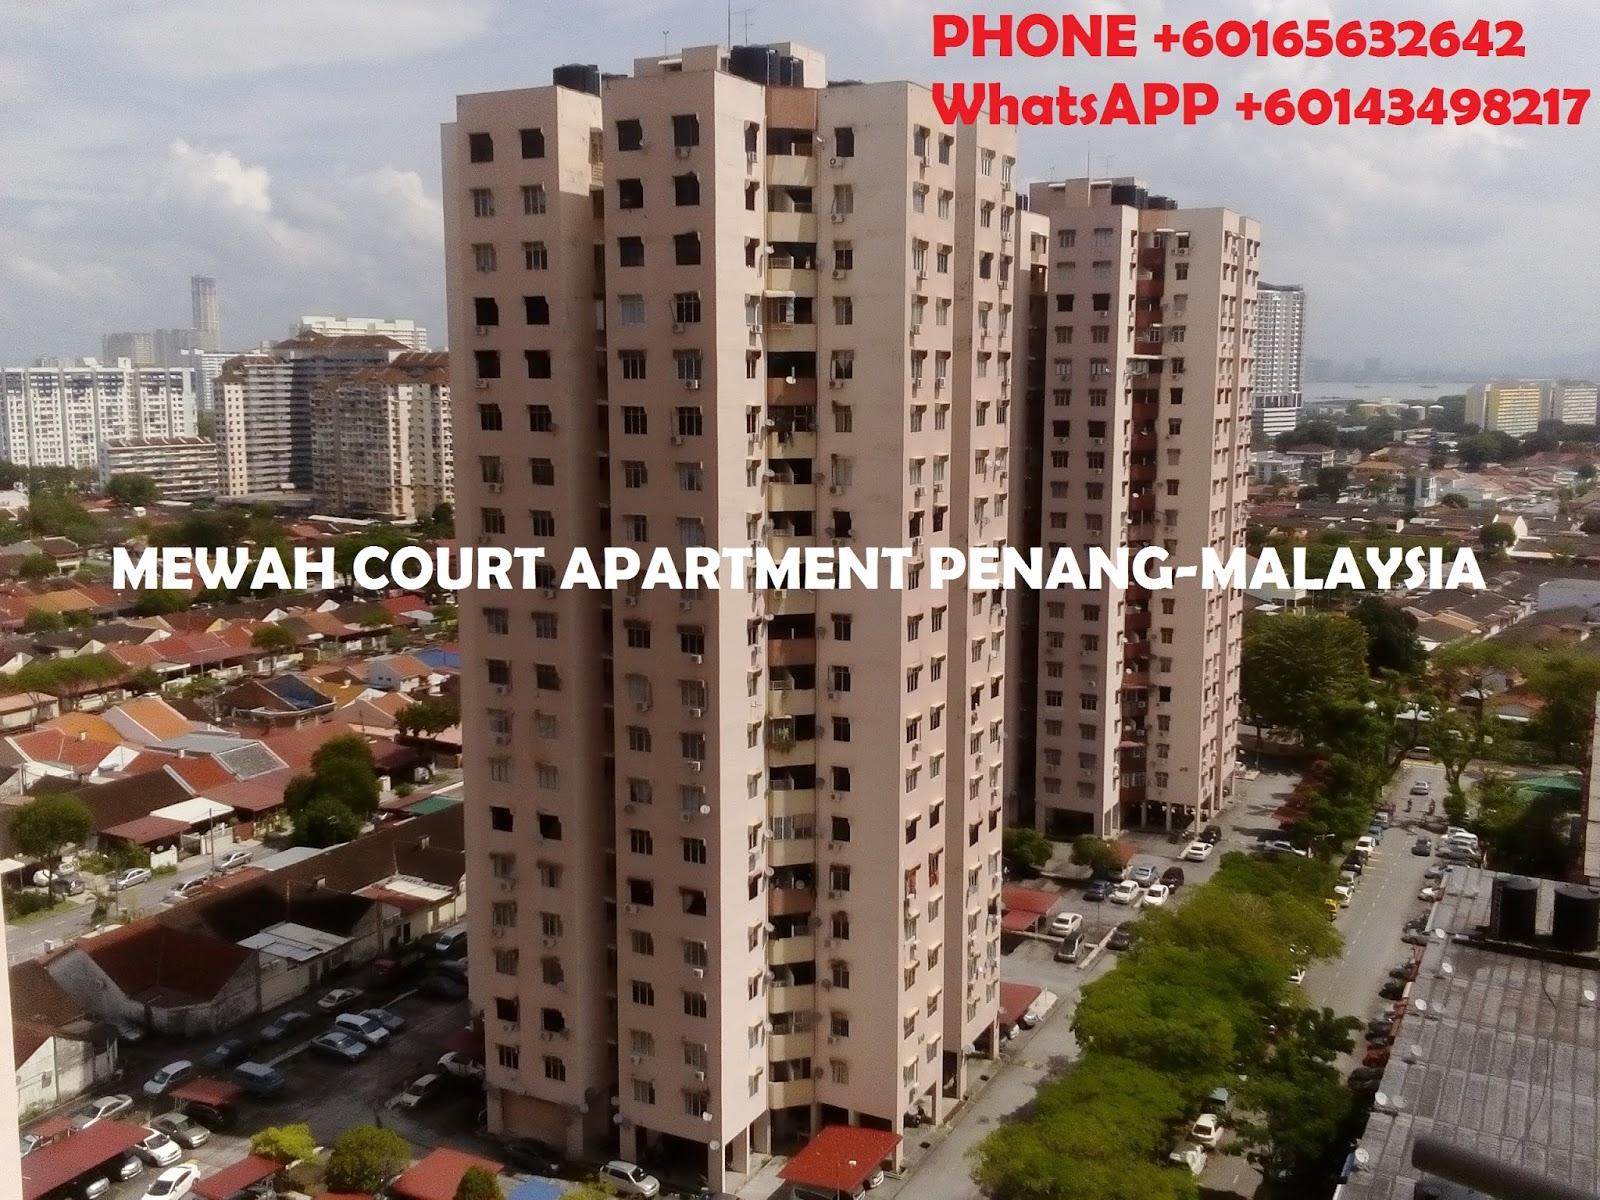 Gambar Apartemen Mewah Court Penang Malaysia Apakah Anda Sedang Mencari Informasi Mengenai Hotel Murah Di Dekat RS Lam Wah Ee